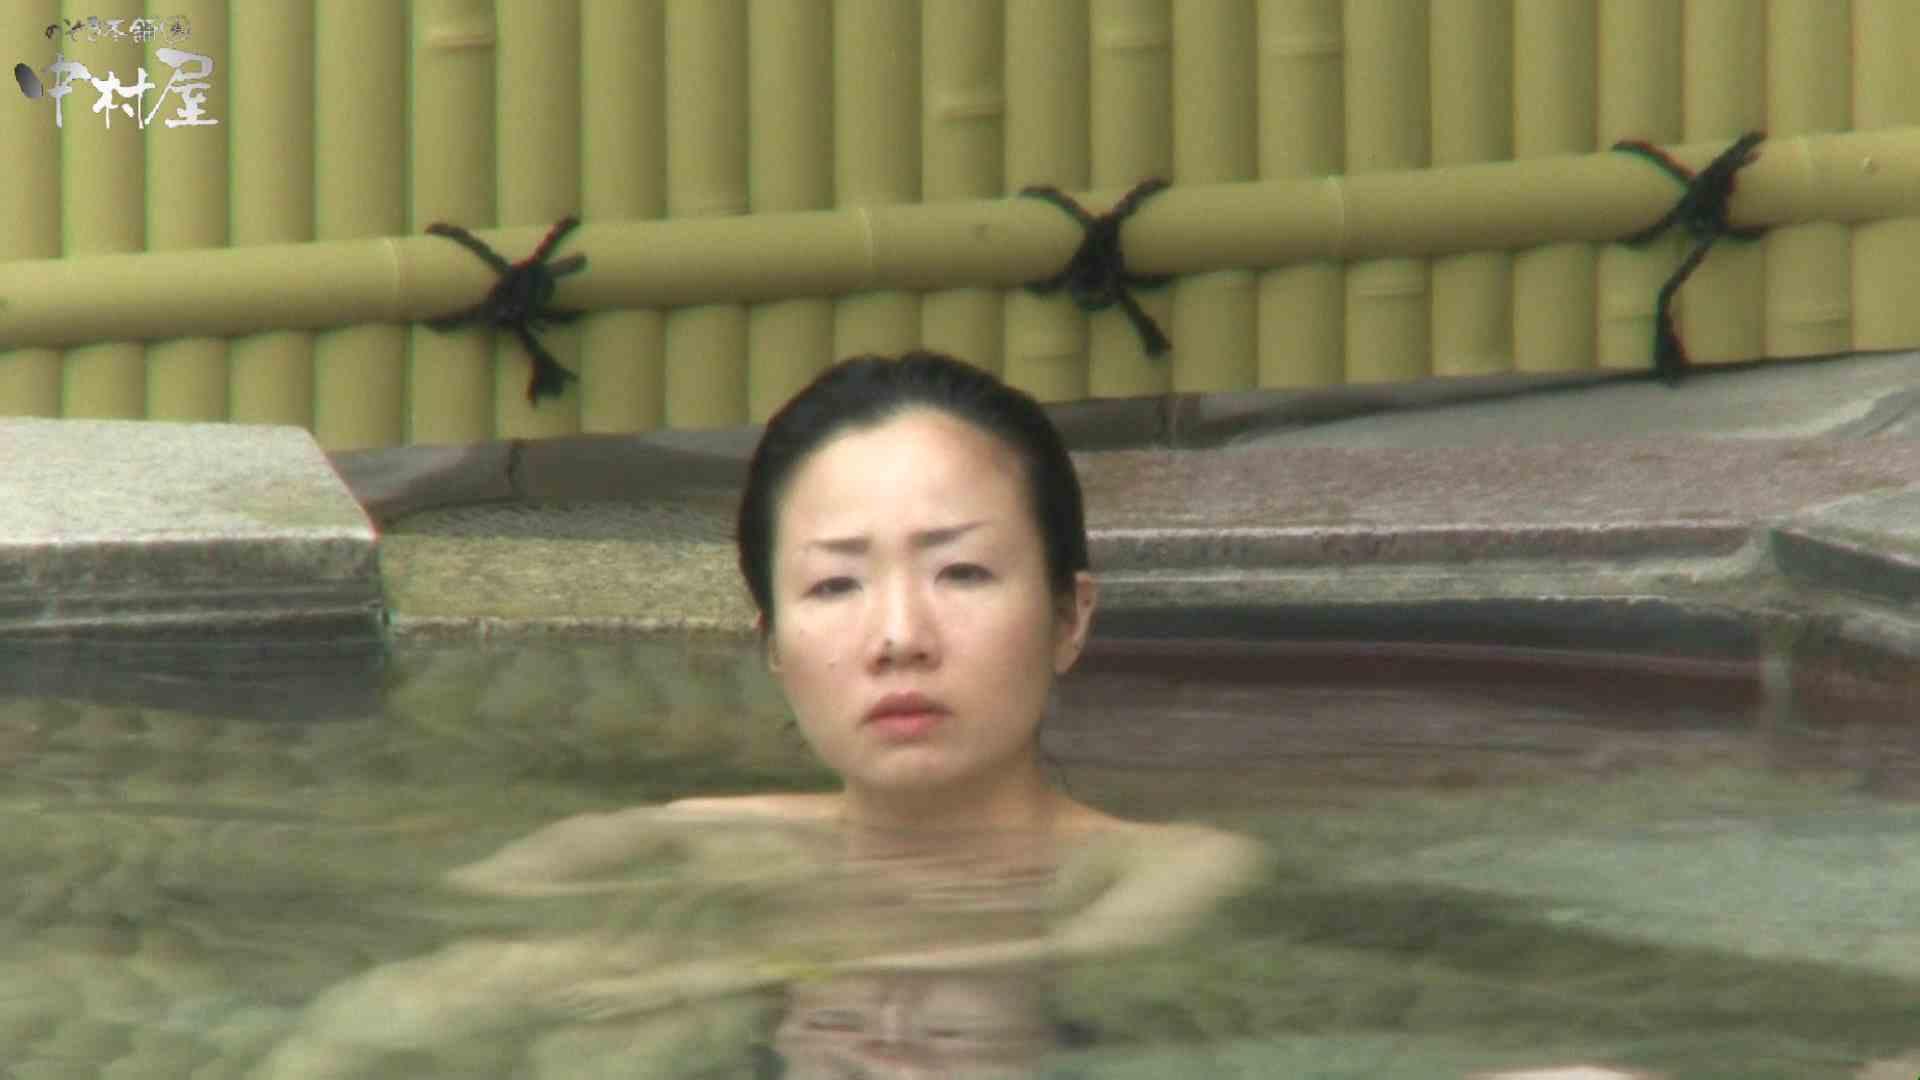 Aquaな露天風呂Vol.950 OLのエロ生活 覗きおまんこ画像 107連発 2